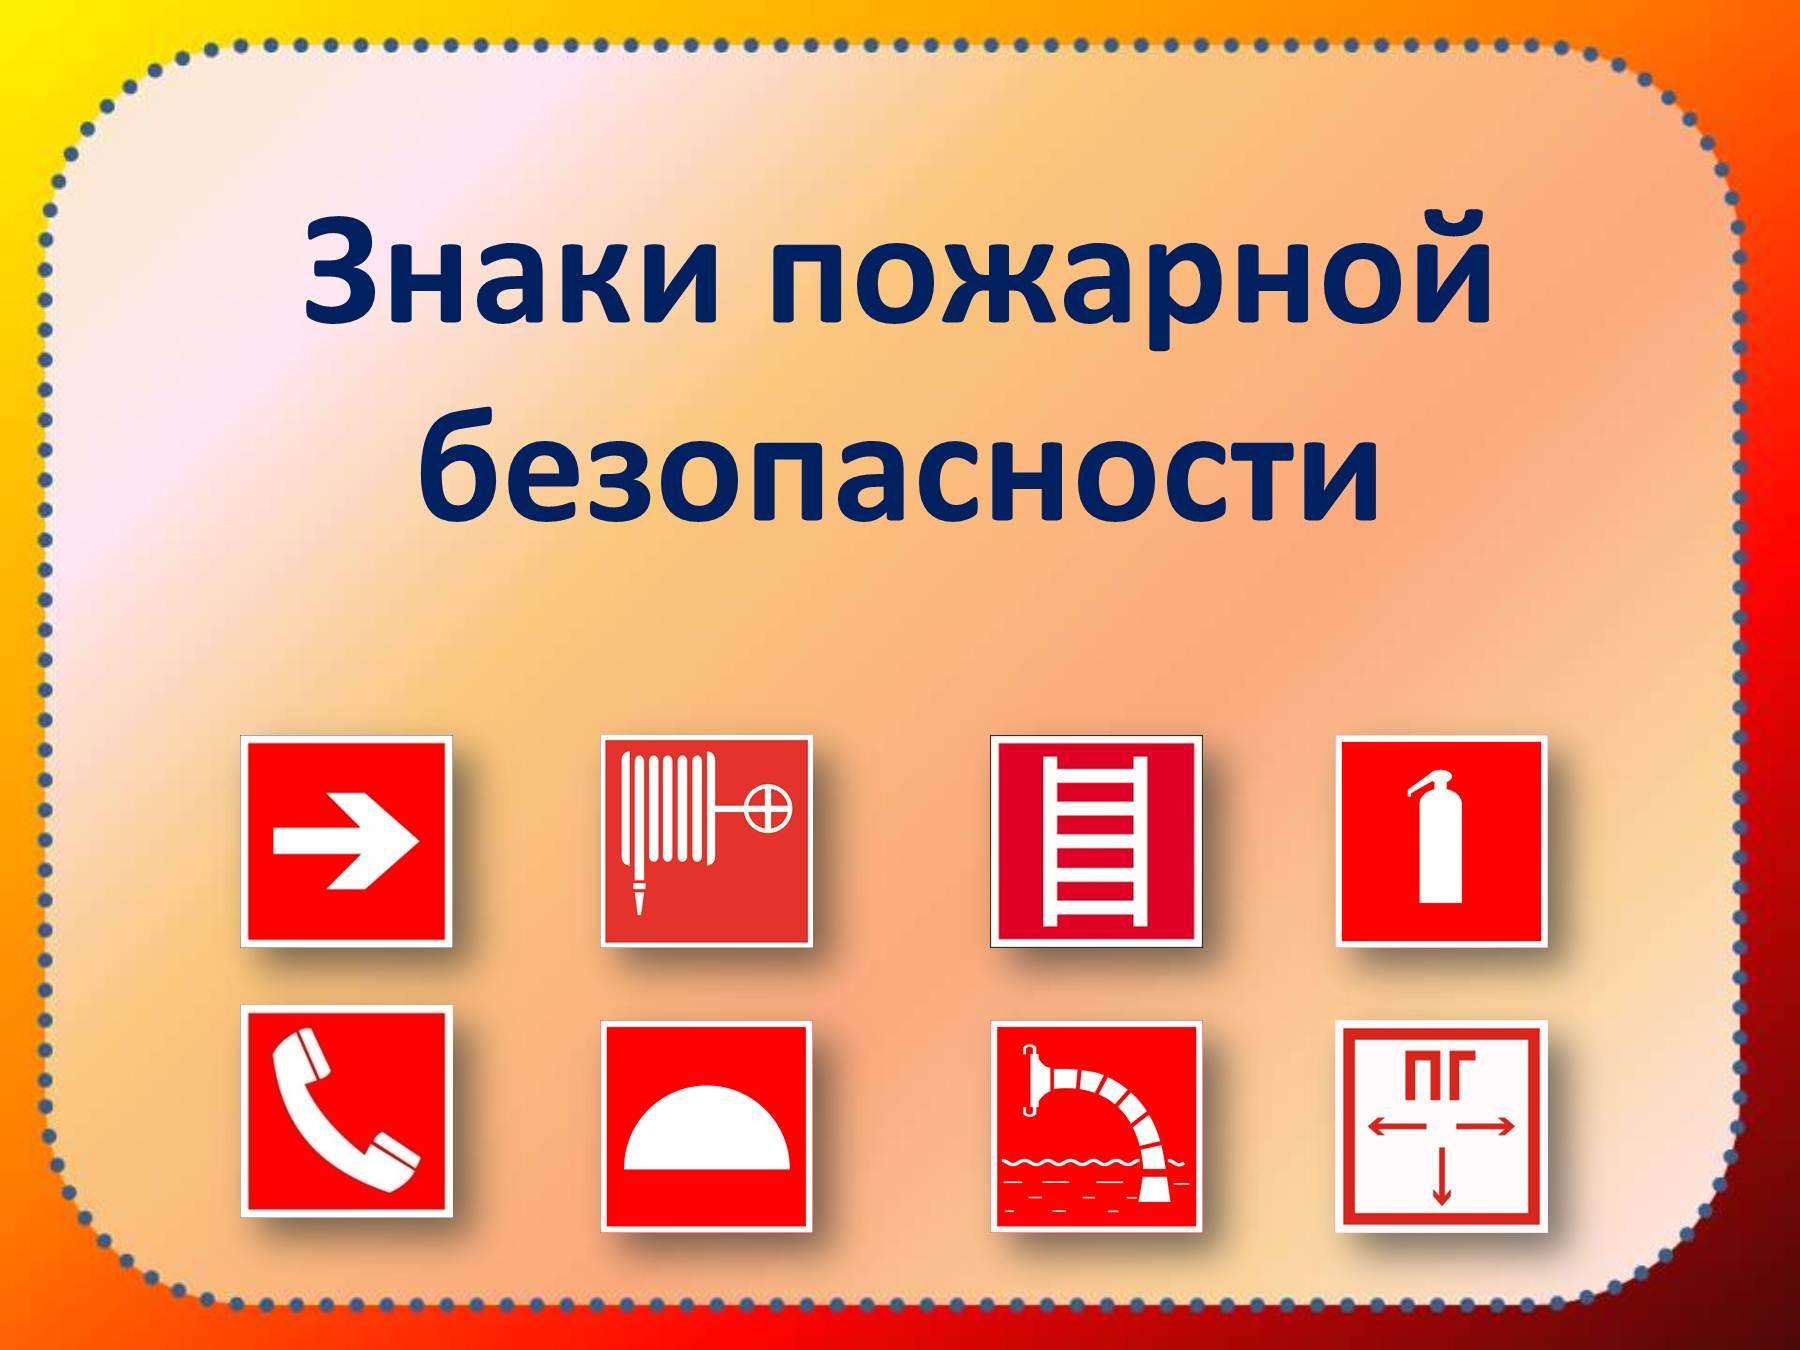 Векторный знак пожарной безопасности «пожарный сухотрубный стояк.